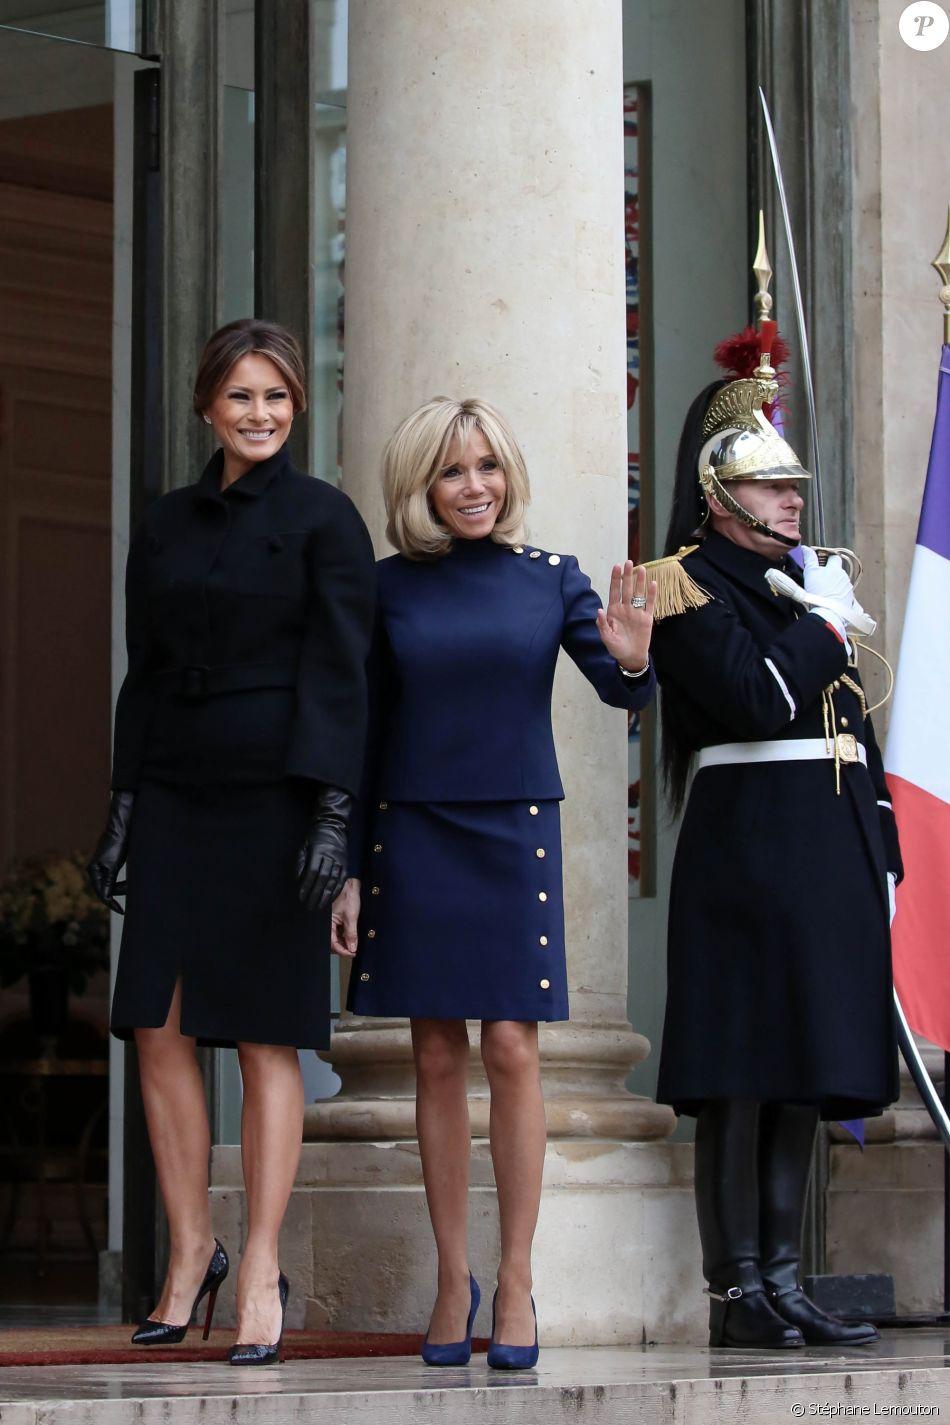 La Première Dame, Brigitte Macron (Trogneux) accueille la Première Dame des Etats-Unis, Melanie Trump au palais de l'Elysée à Paris, France, le 10 novembre 2018, à l'occasion du Centenaire de l'Armistice de la Première Guerre Mondiale. © Stéphane Lemouton/Bestimage